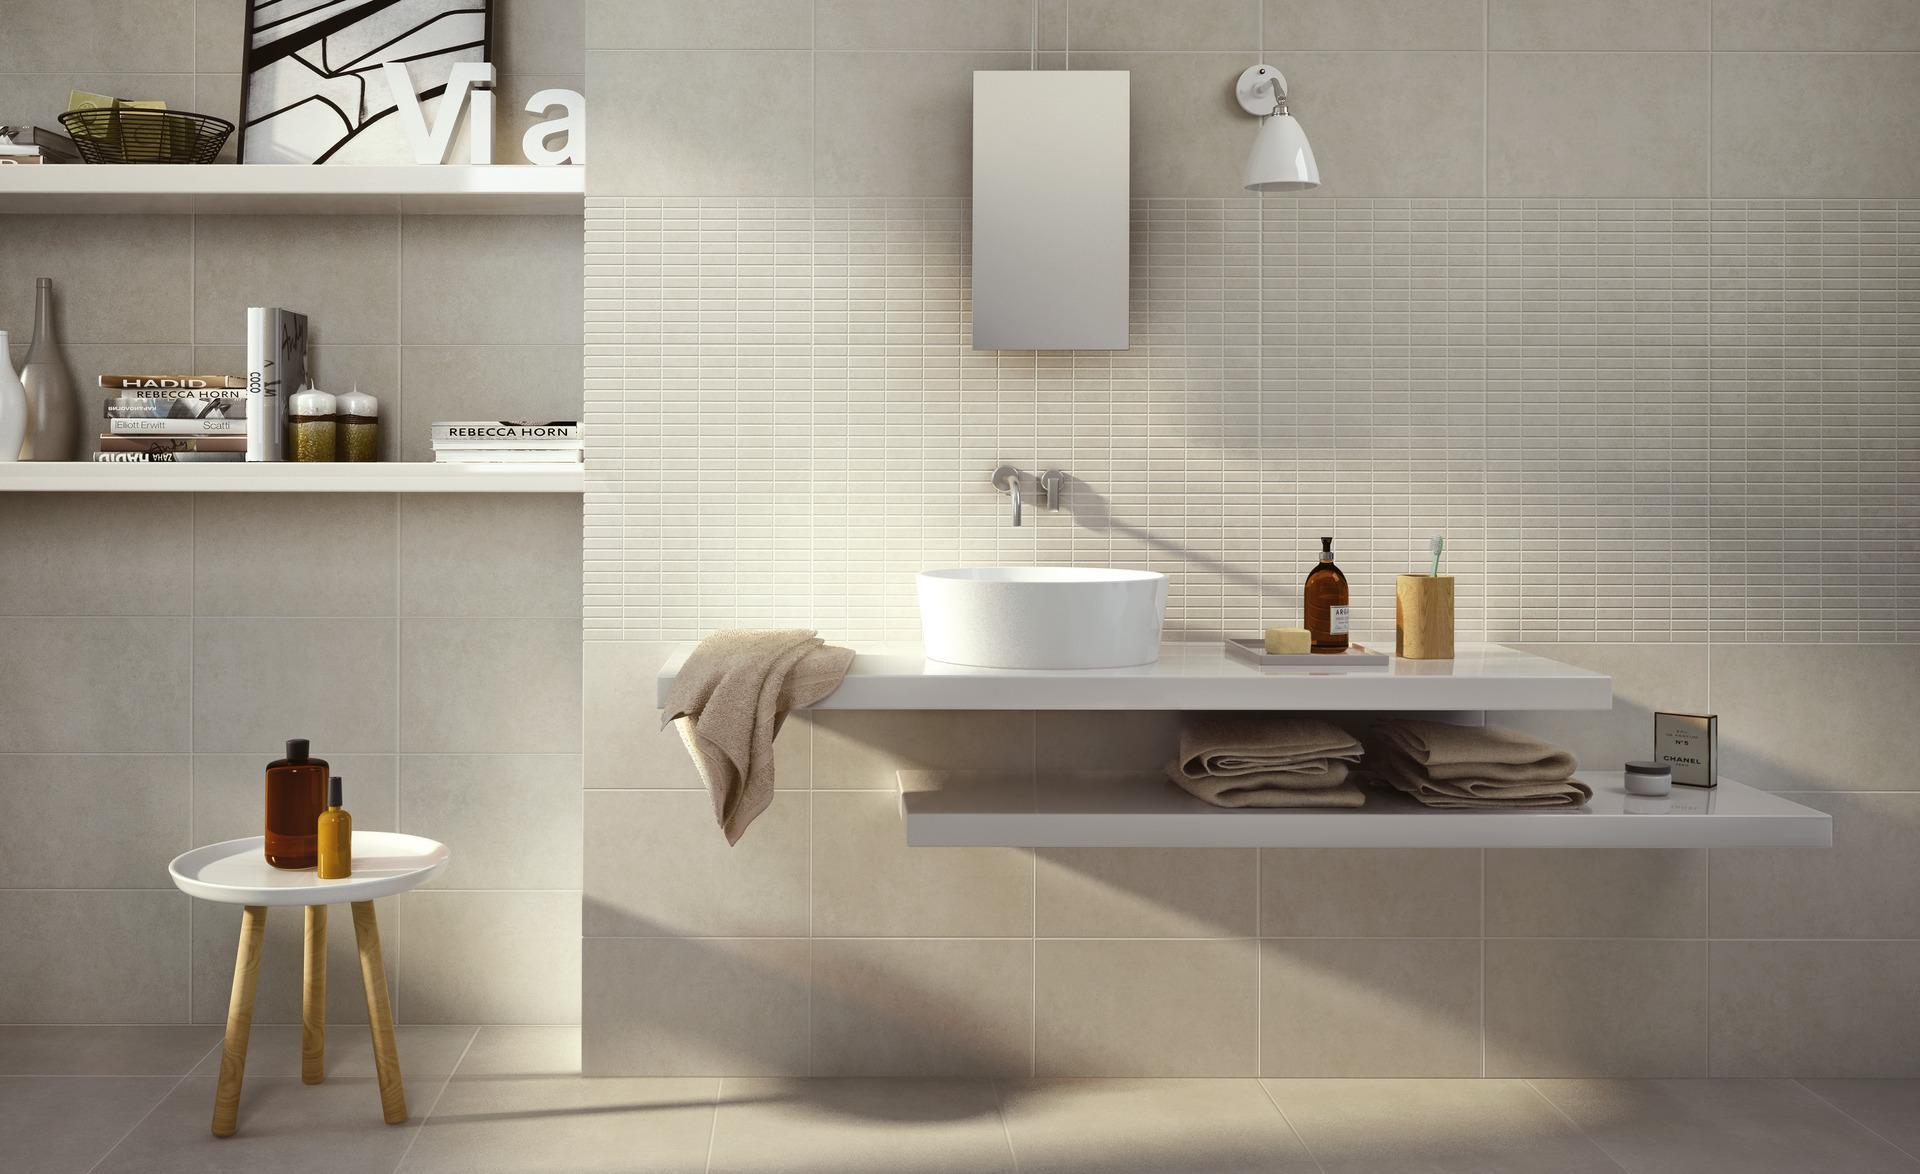 Collezione casablanca ceramica per bagno e cucina ragno